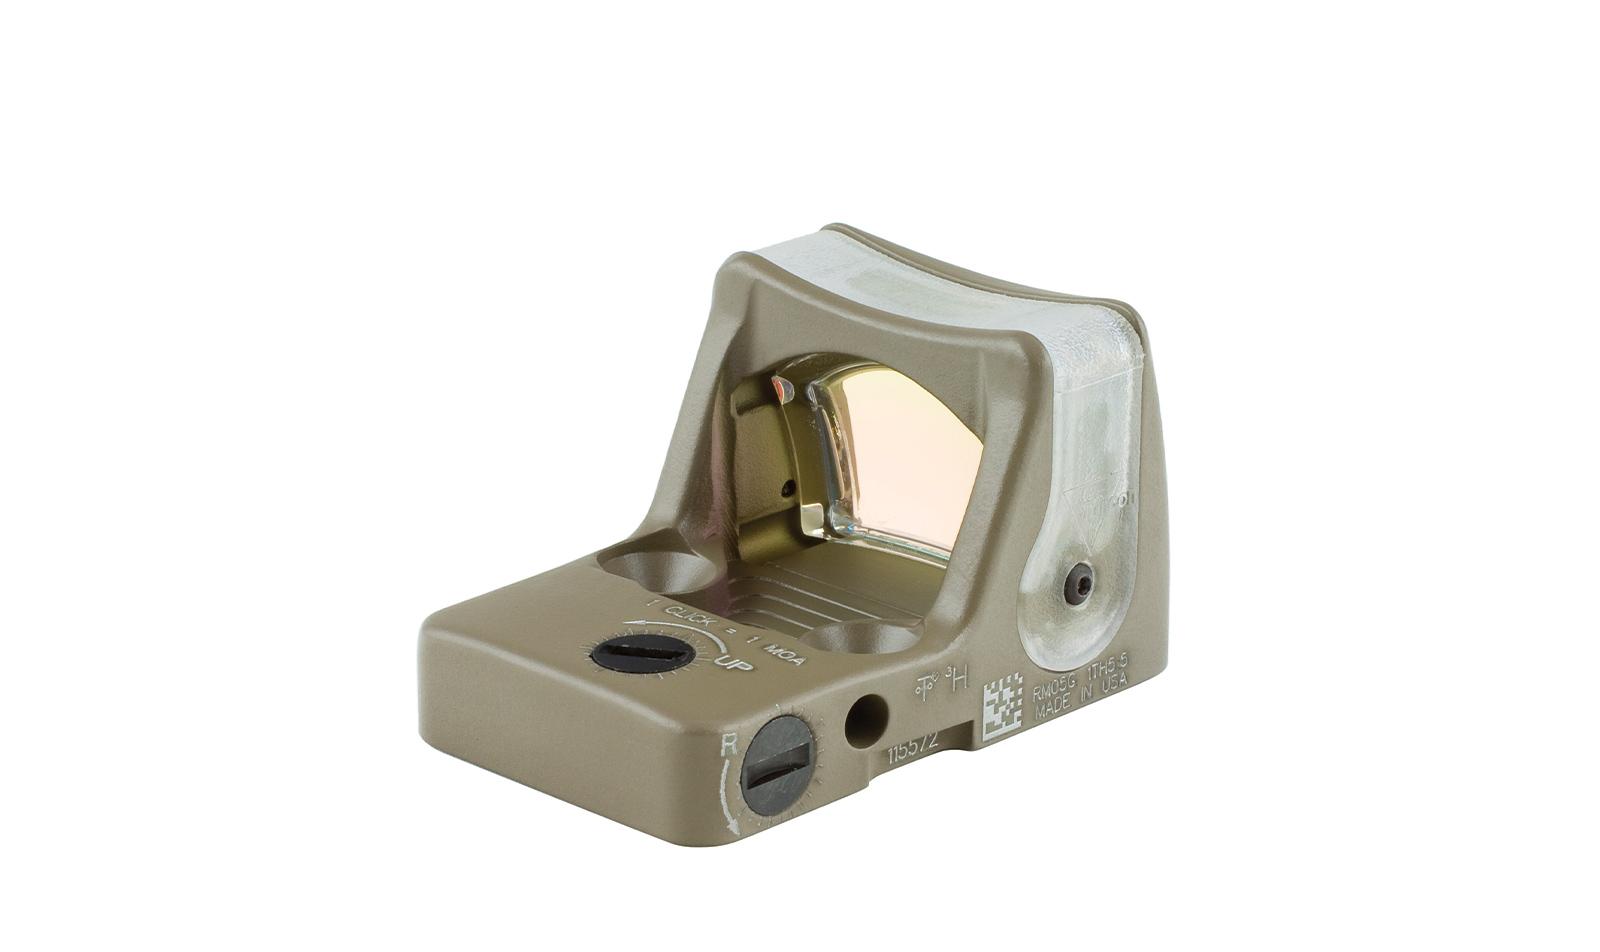 RM05-C-700189 angle 5